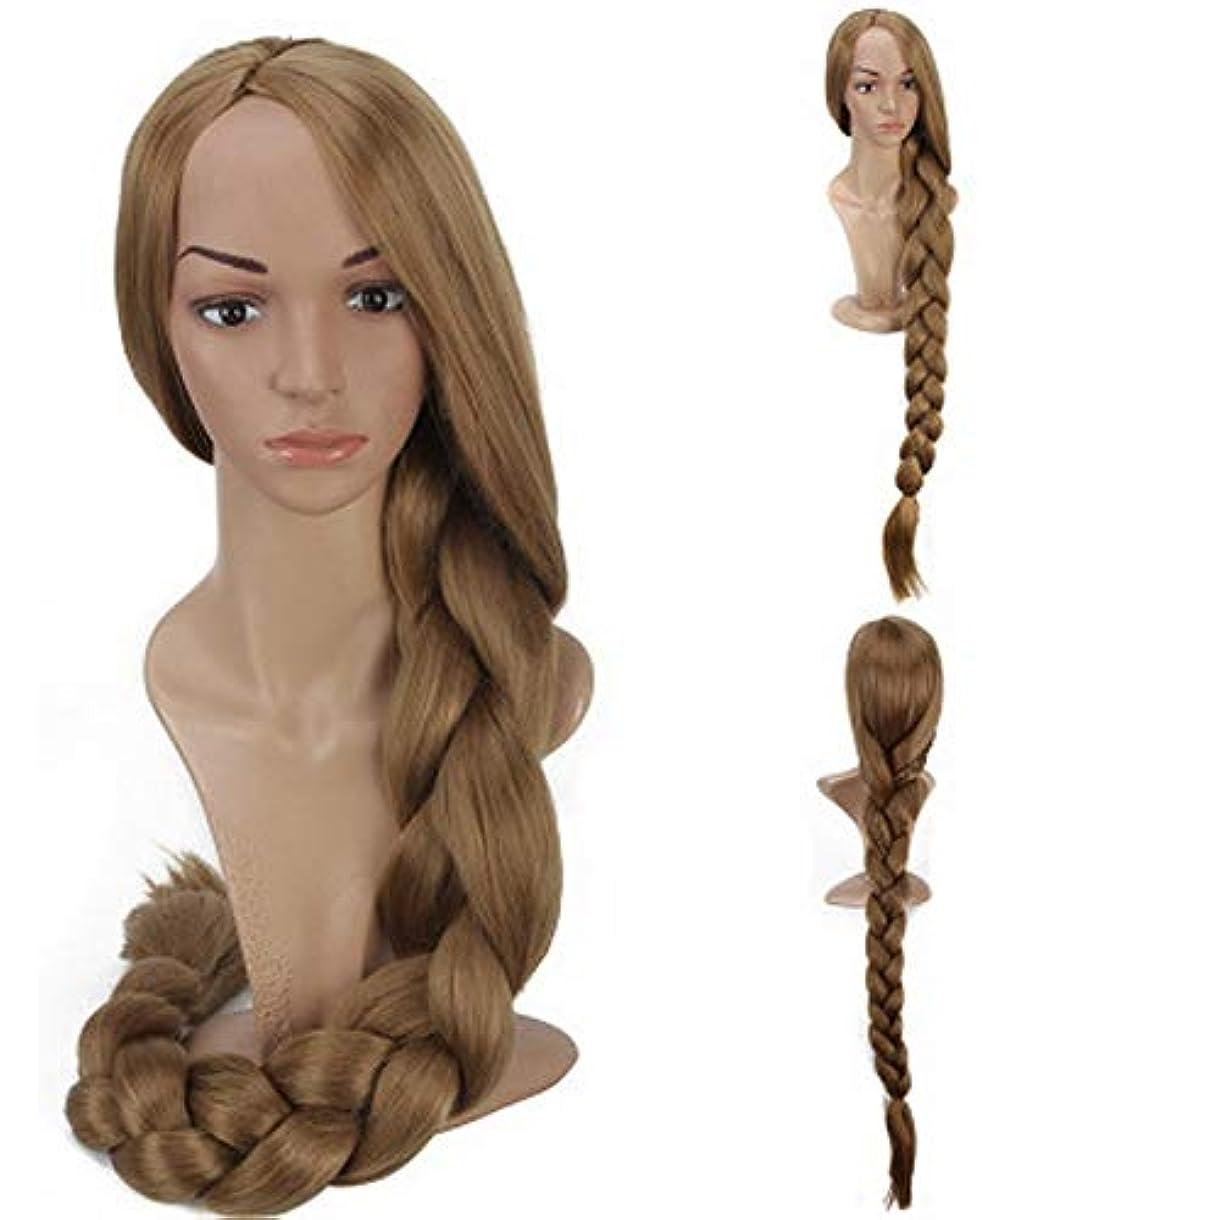 有効薬を飲むカスタム女性のための色のかつら長いウェーブのかかった髪、高密度温度合成かつら女性のグルーレスウェーブのかかったコスプレヘアウィッグ、女性のための耐熱繊維の髪のかつら、紫色のウィッグ47インチ